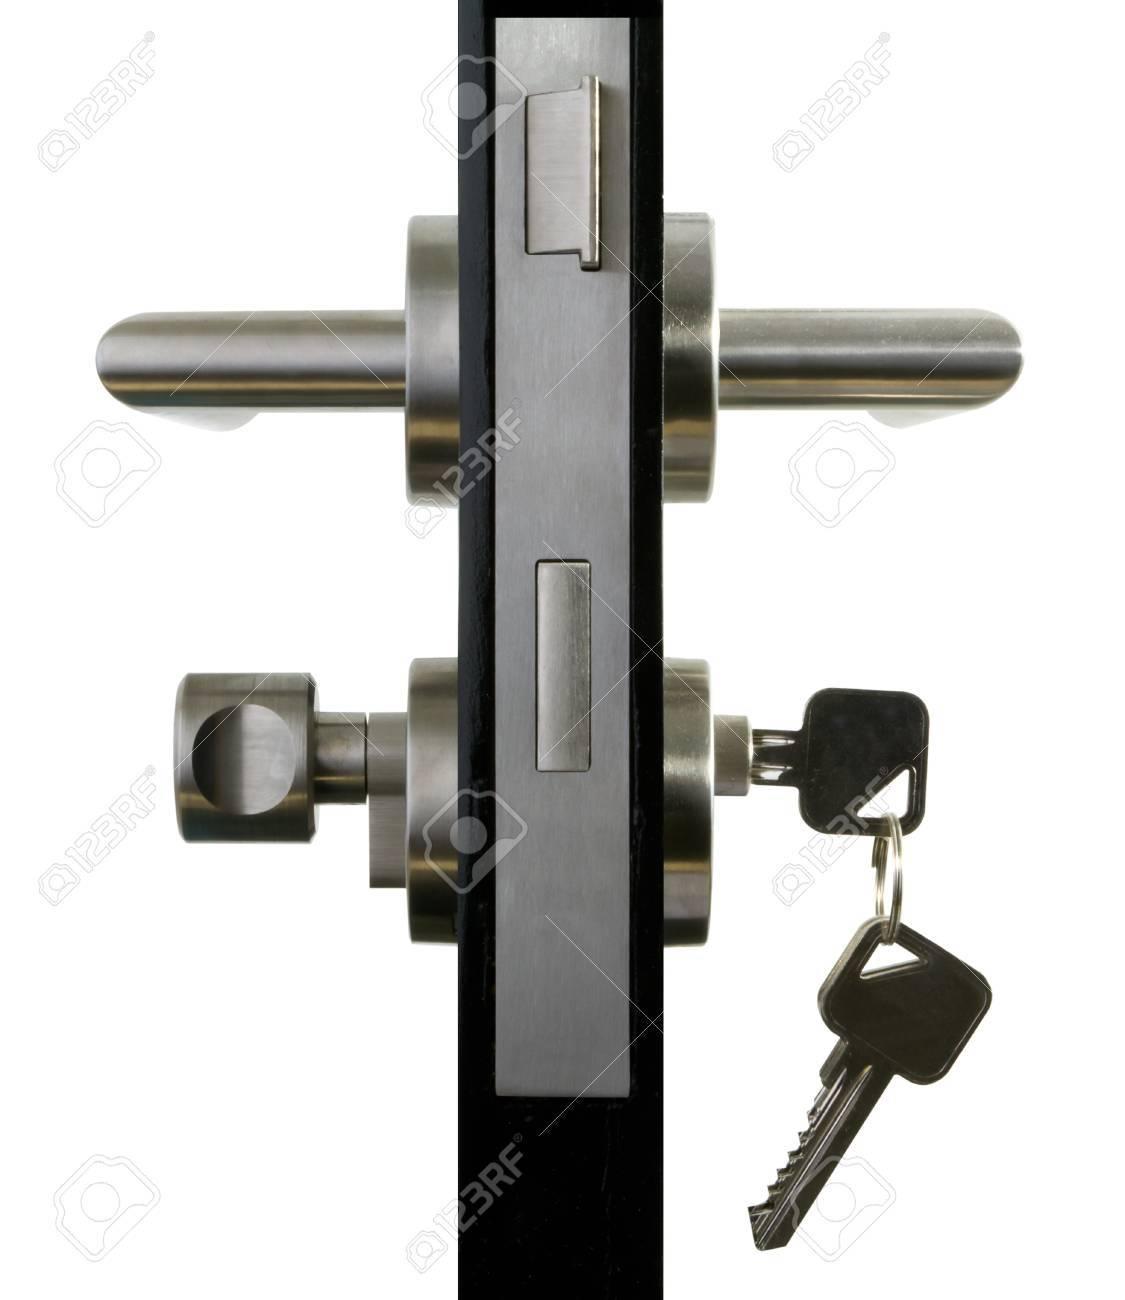 Poignee De Porte En Aluminium Sur Le Fond Blanc Porte Noire Banque D